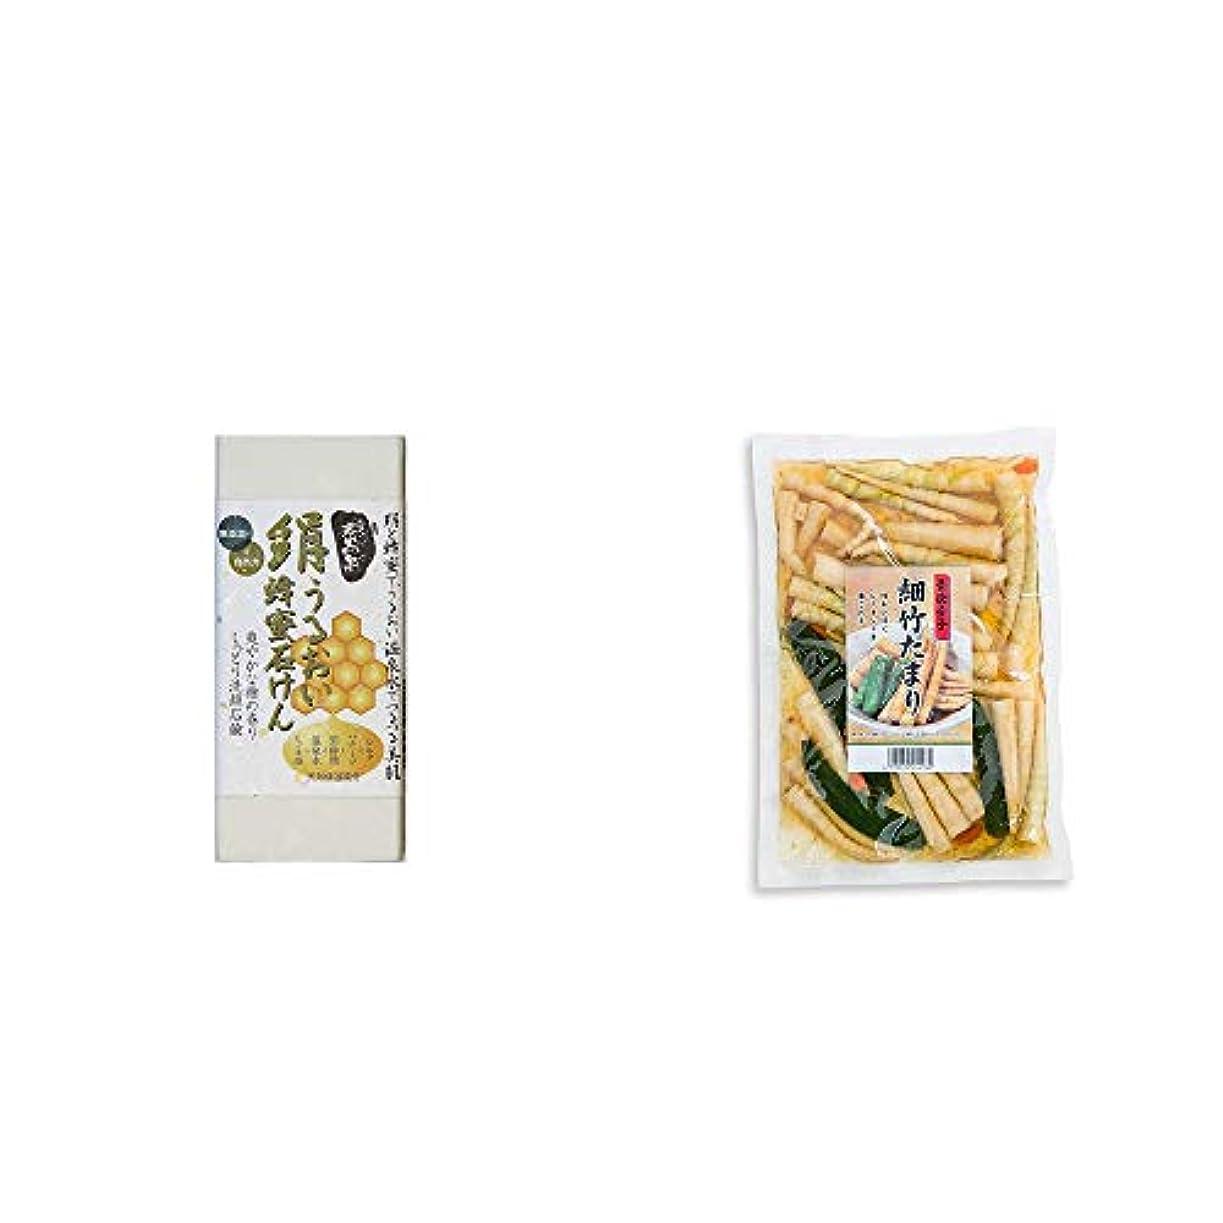 スキムオン未使用[2点セット] ひのき炭黒泉 絹うるおい蜂蜜石けん(75g×2)?青唐辛子 細竹たまり(330g)